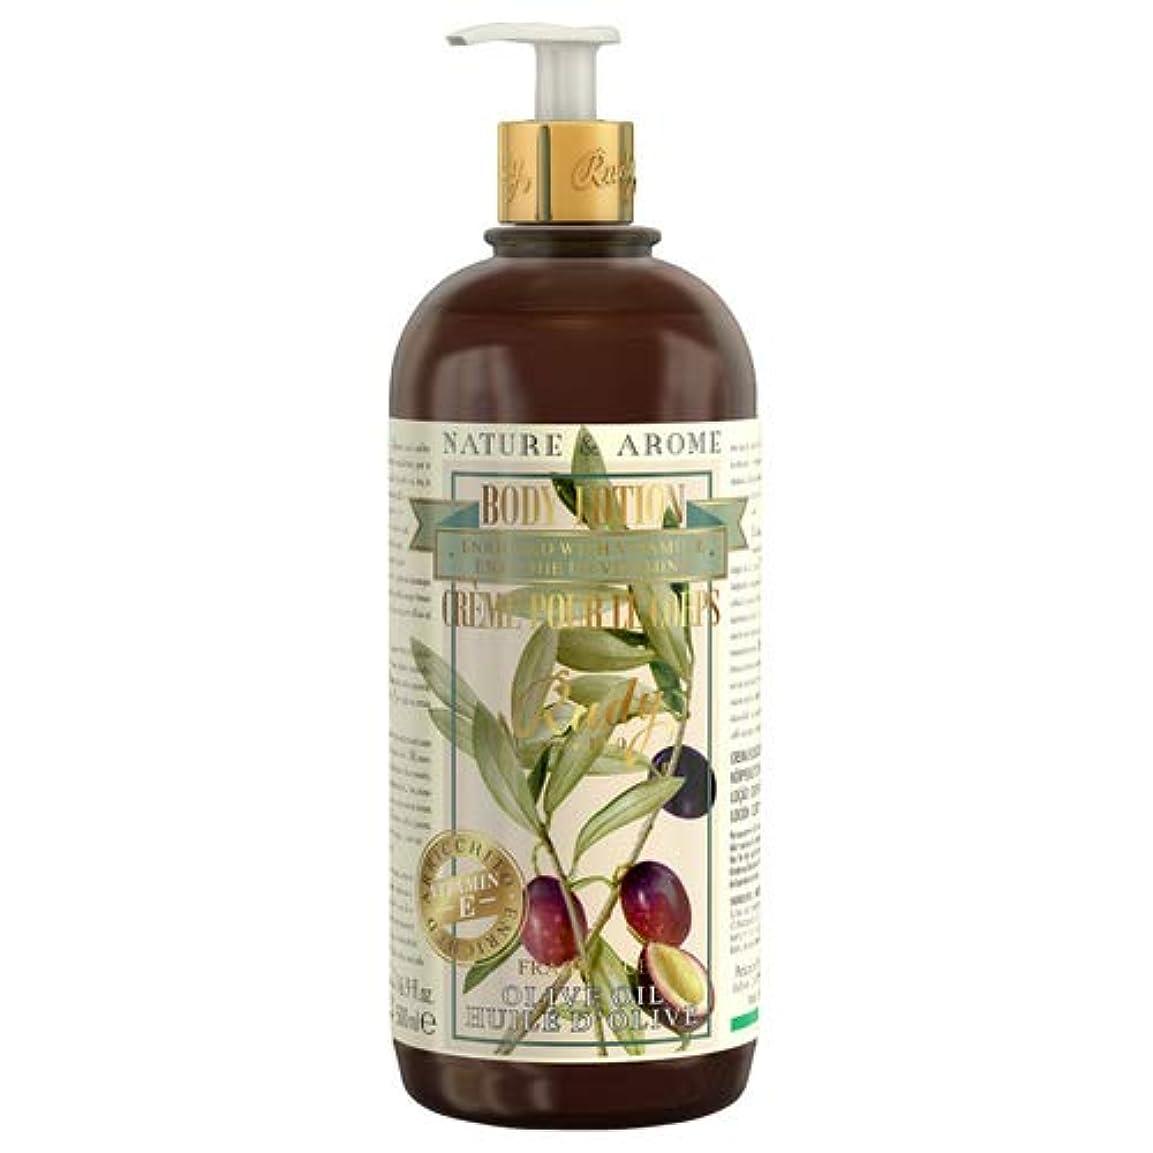 ギャラリー混合したメニュールディ(Rudy) RUDY Nature&Arome Apothecary ネイチャーアロマ アポセカリー Body Lotion ボディローション Olive Oil オリーブオイル